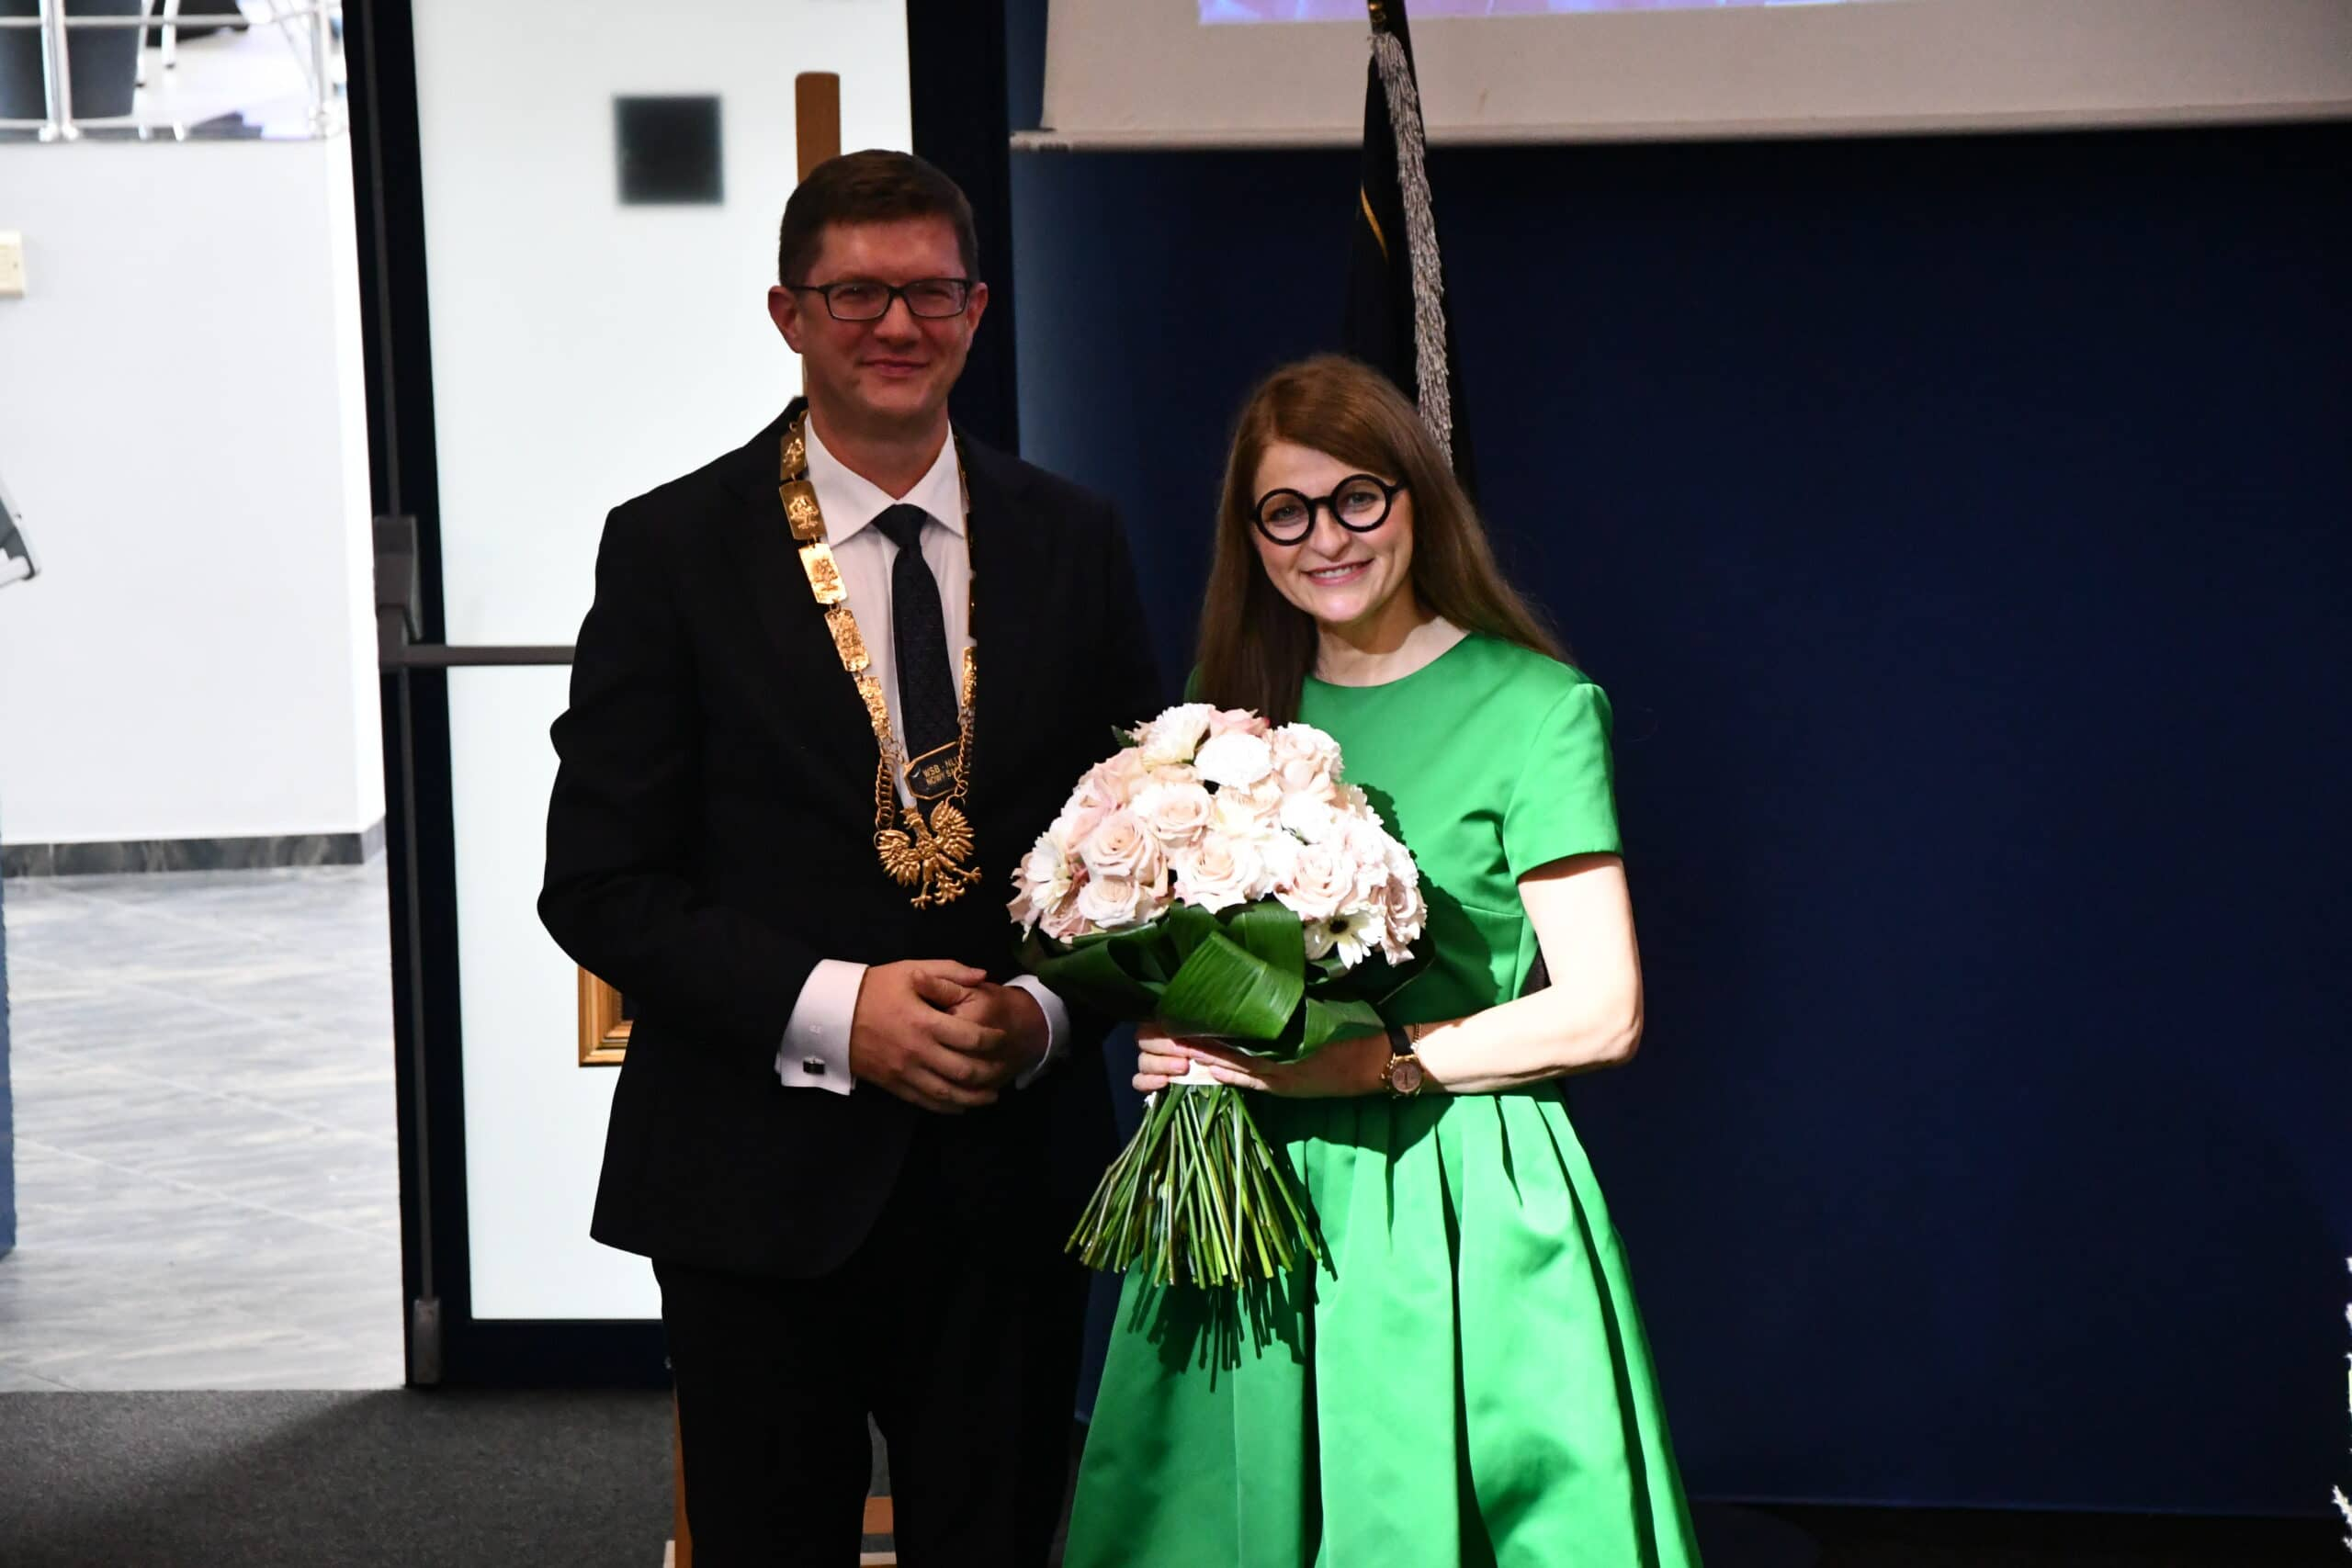 rektor dr Dariusz Woźniak, WSB-NLU Nowy Sącz